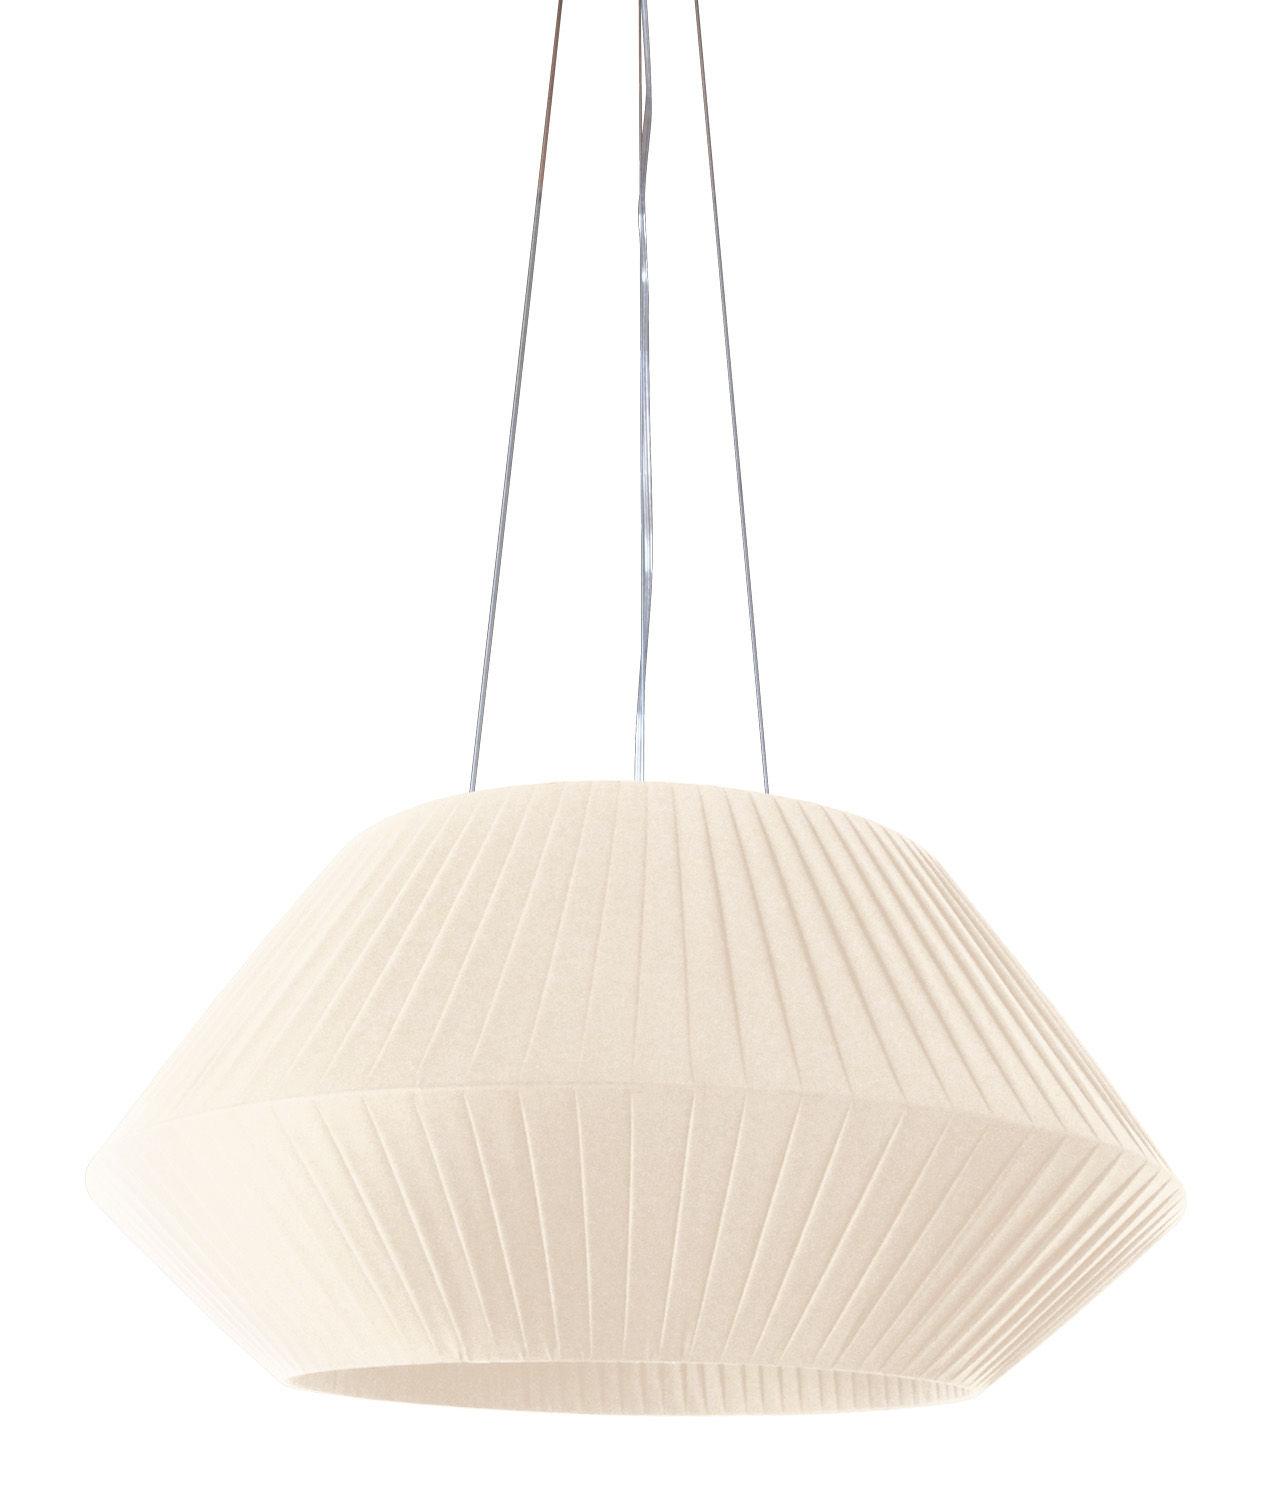 Illuminazione - Lampadari - Sospensione Ruban - Ø 70 cm di Dix Heures Dix - Avorio - Tessuto poliestere